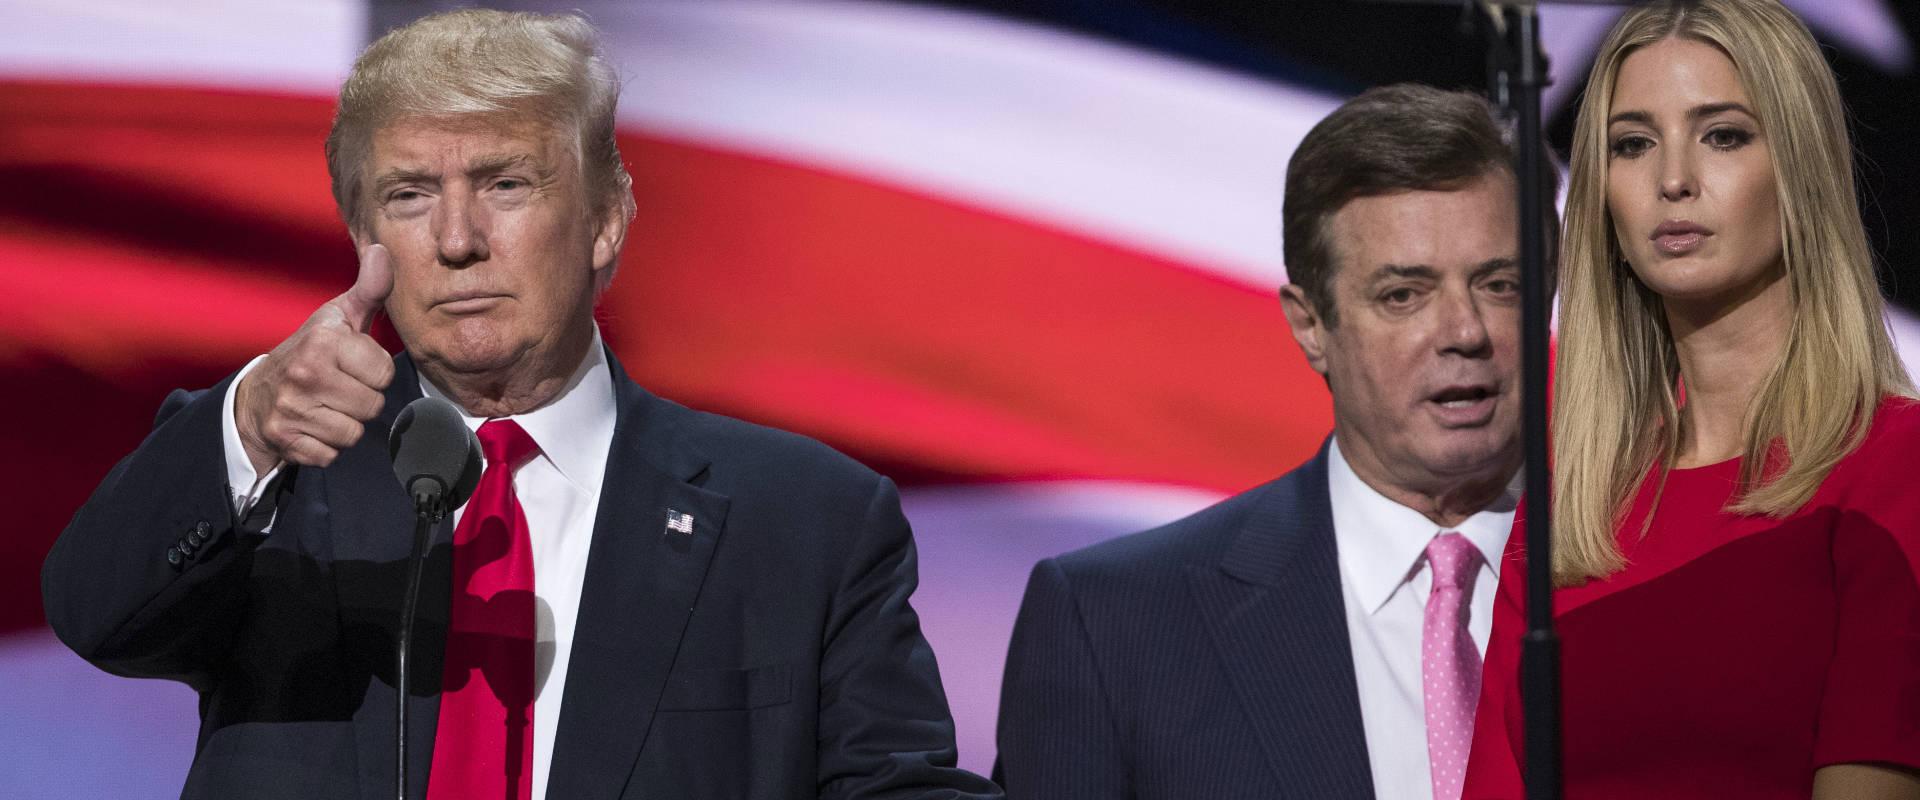 דונלד טראמפ ופול מנפורט במהלך קמפיין הבחירות